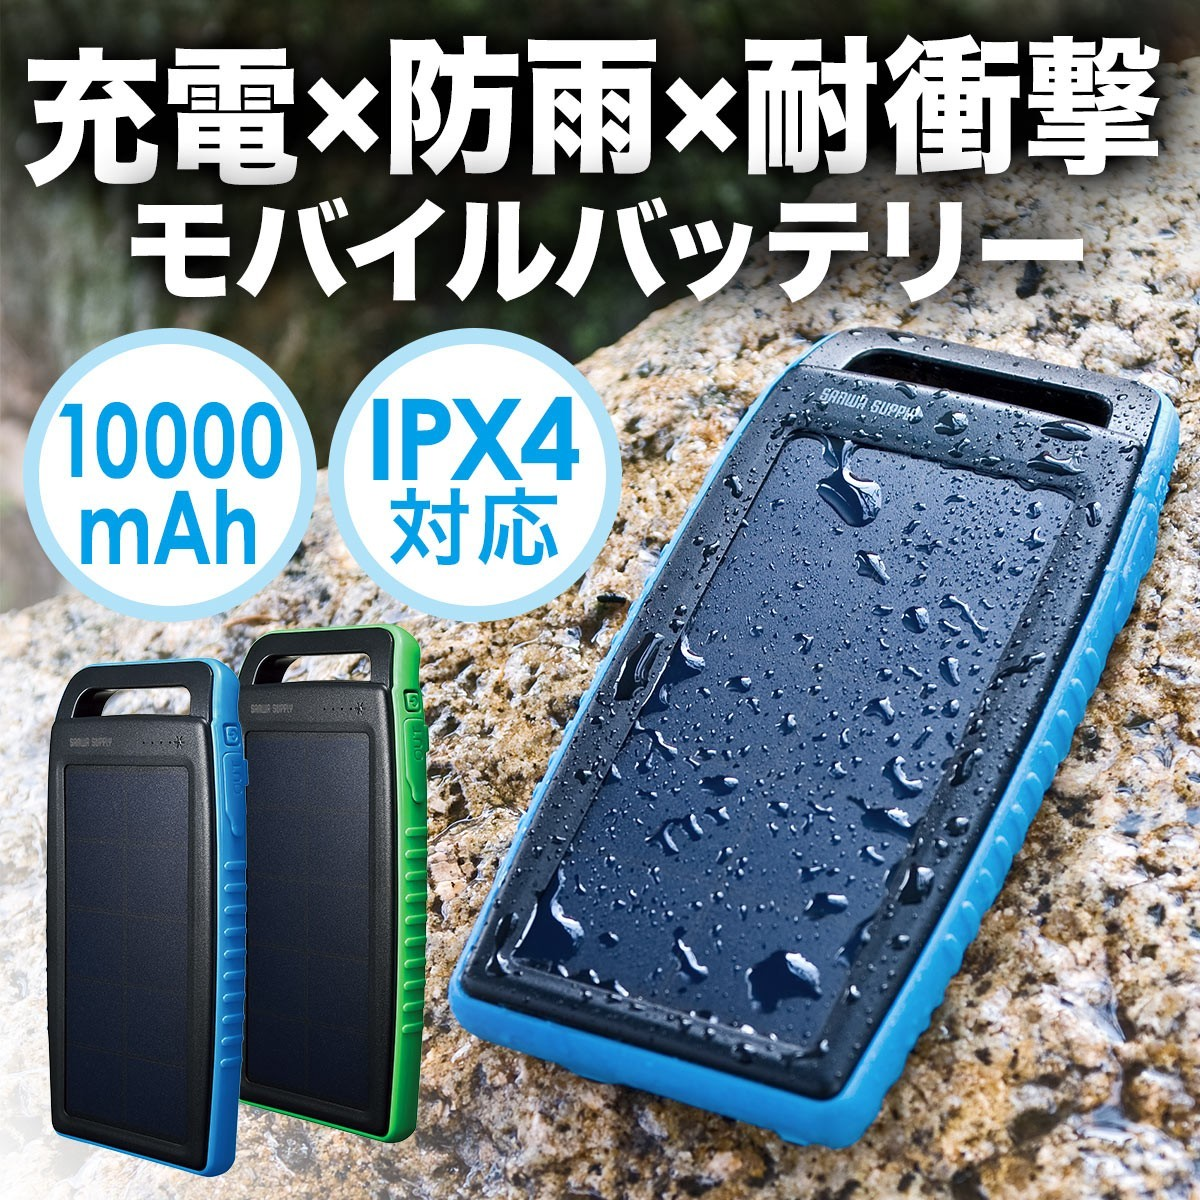 ソーラー モバイルバッテリー チャージャー 防水 充電器  10000mAh iPhone スマホ(即納)